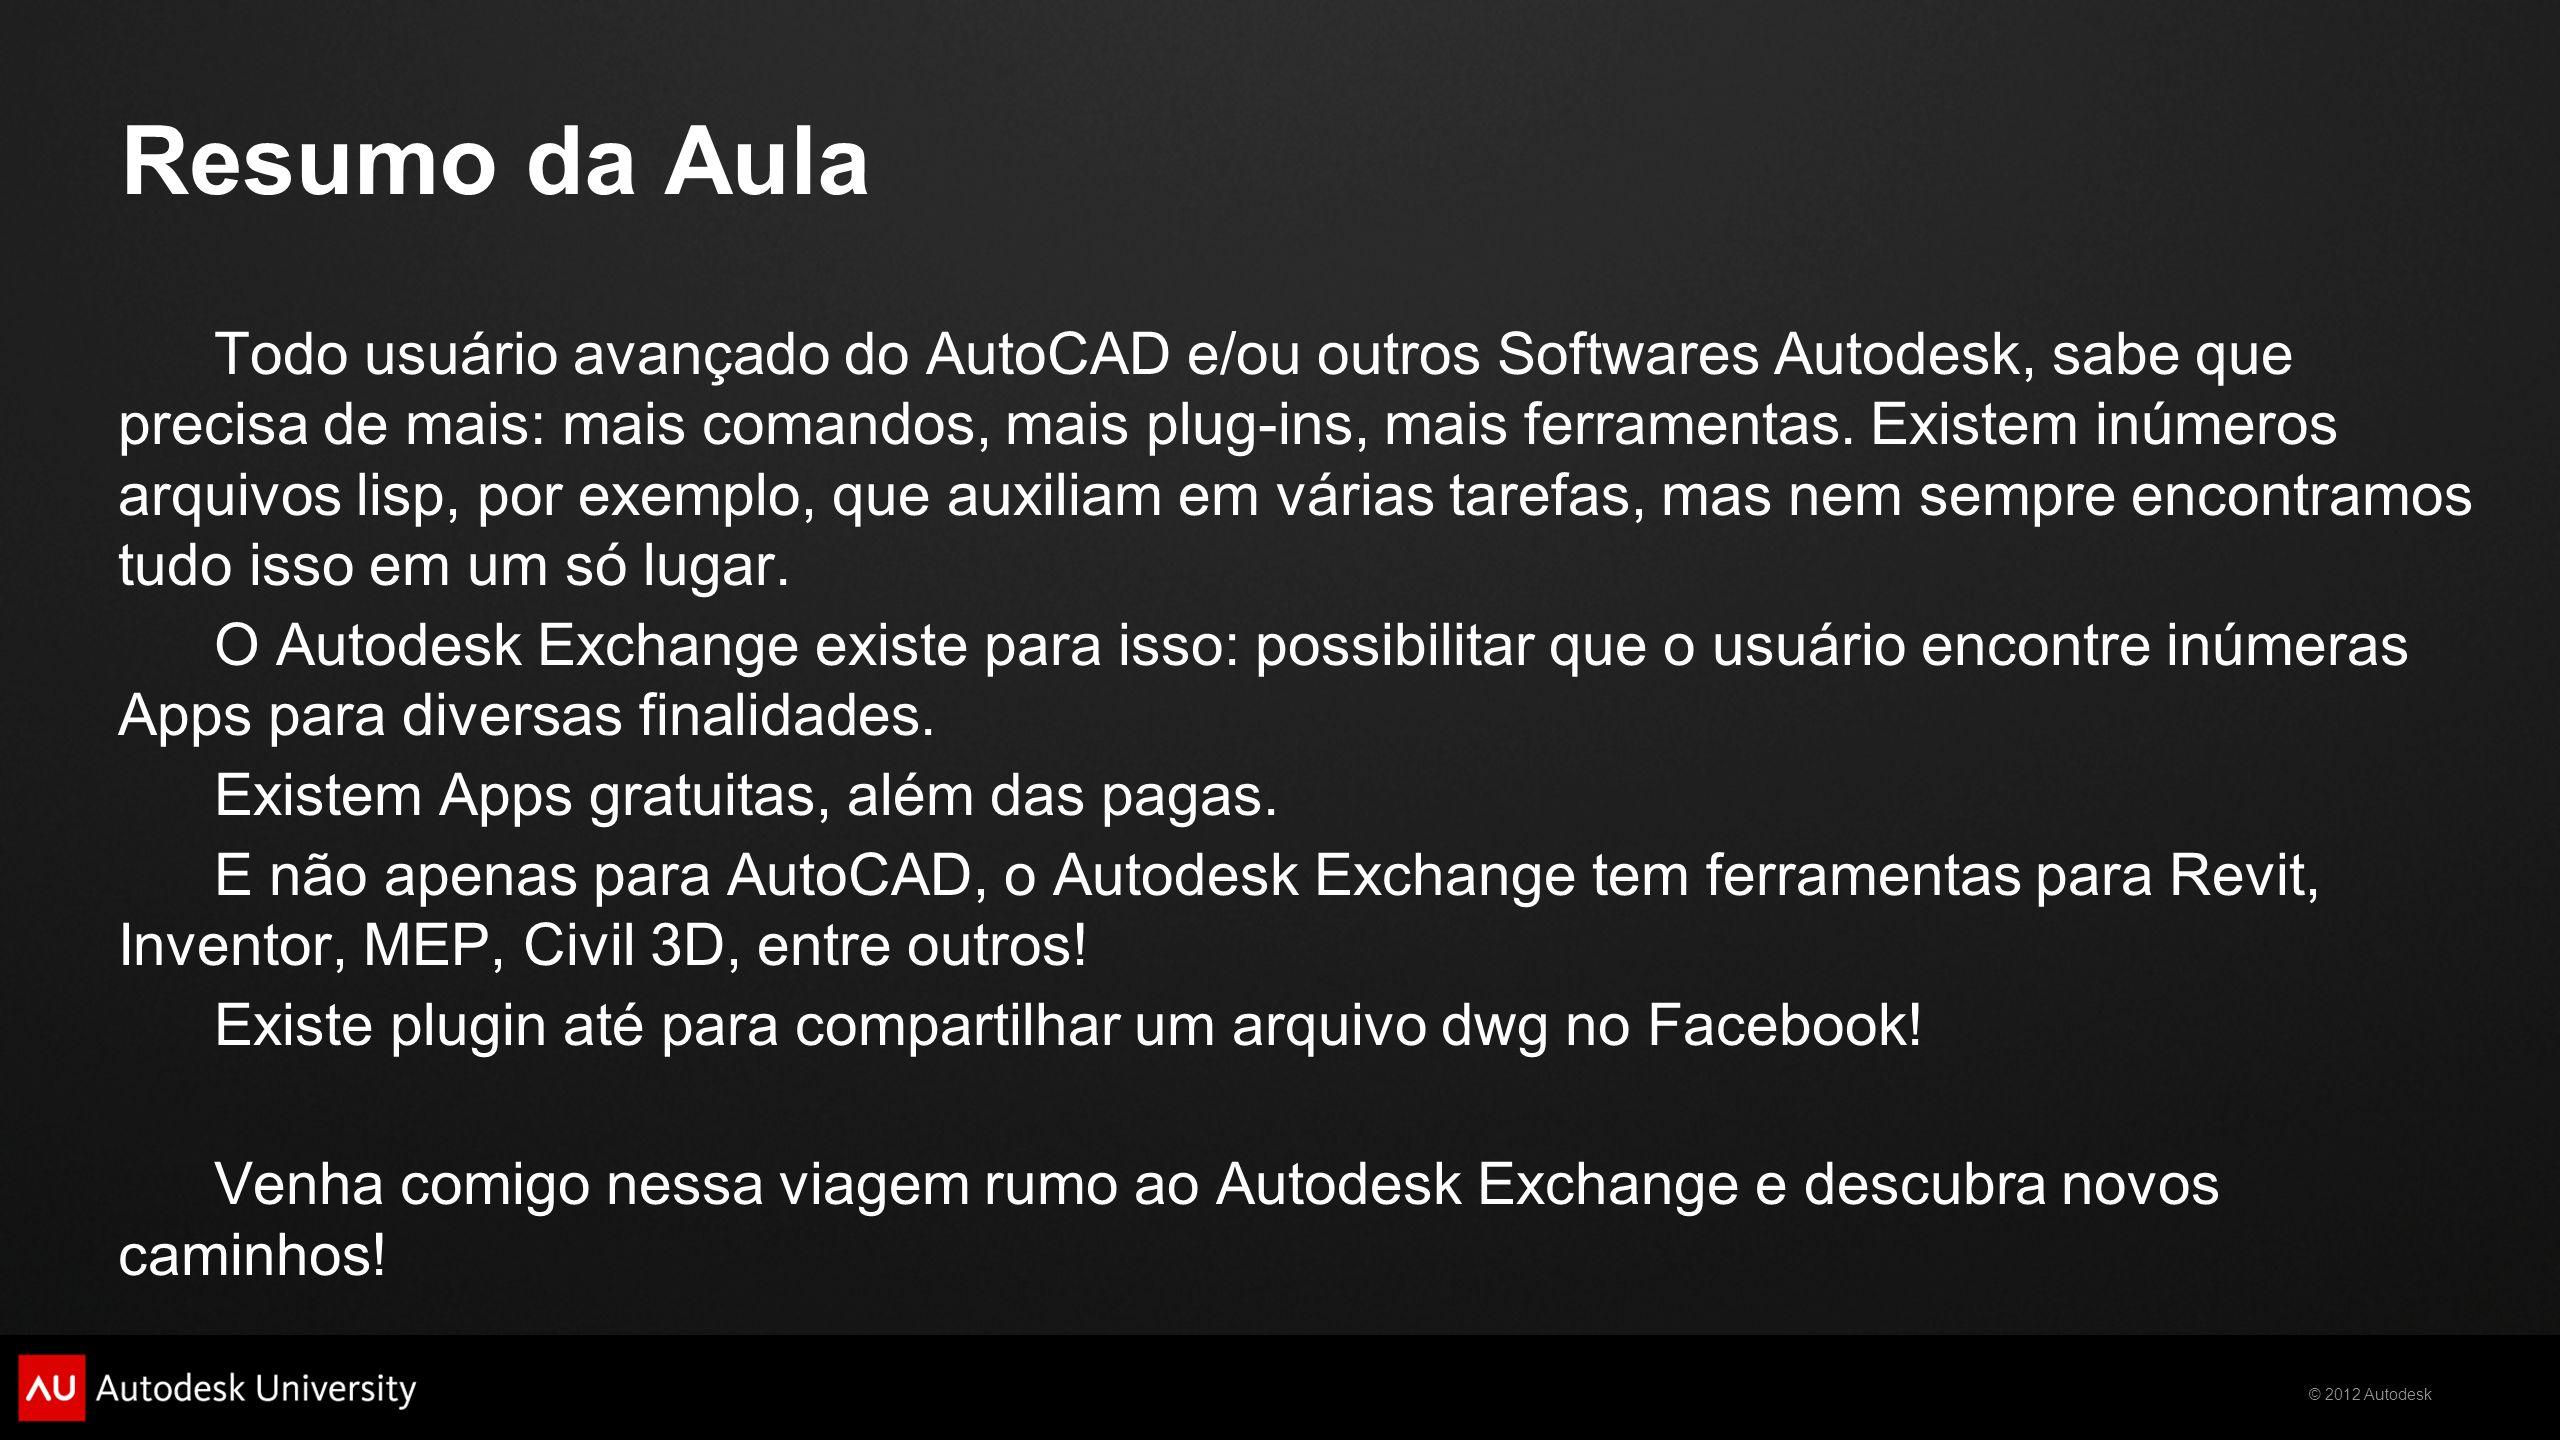 © 2012 Autodesk Resumo da Aula Todo usuário avançado do AutoCAD e/ou outros Softwares Autodesk, sabe que precisa de mais: mais comandos, mais plug-ins